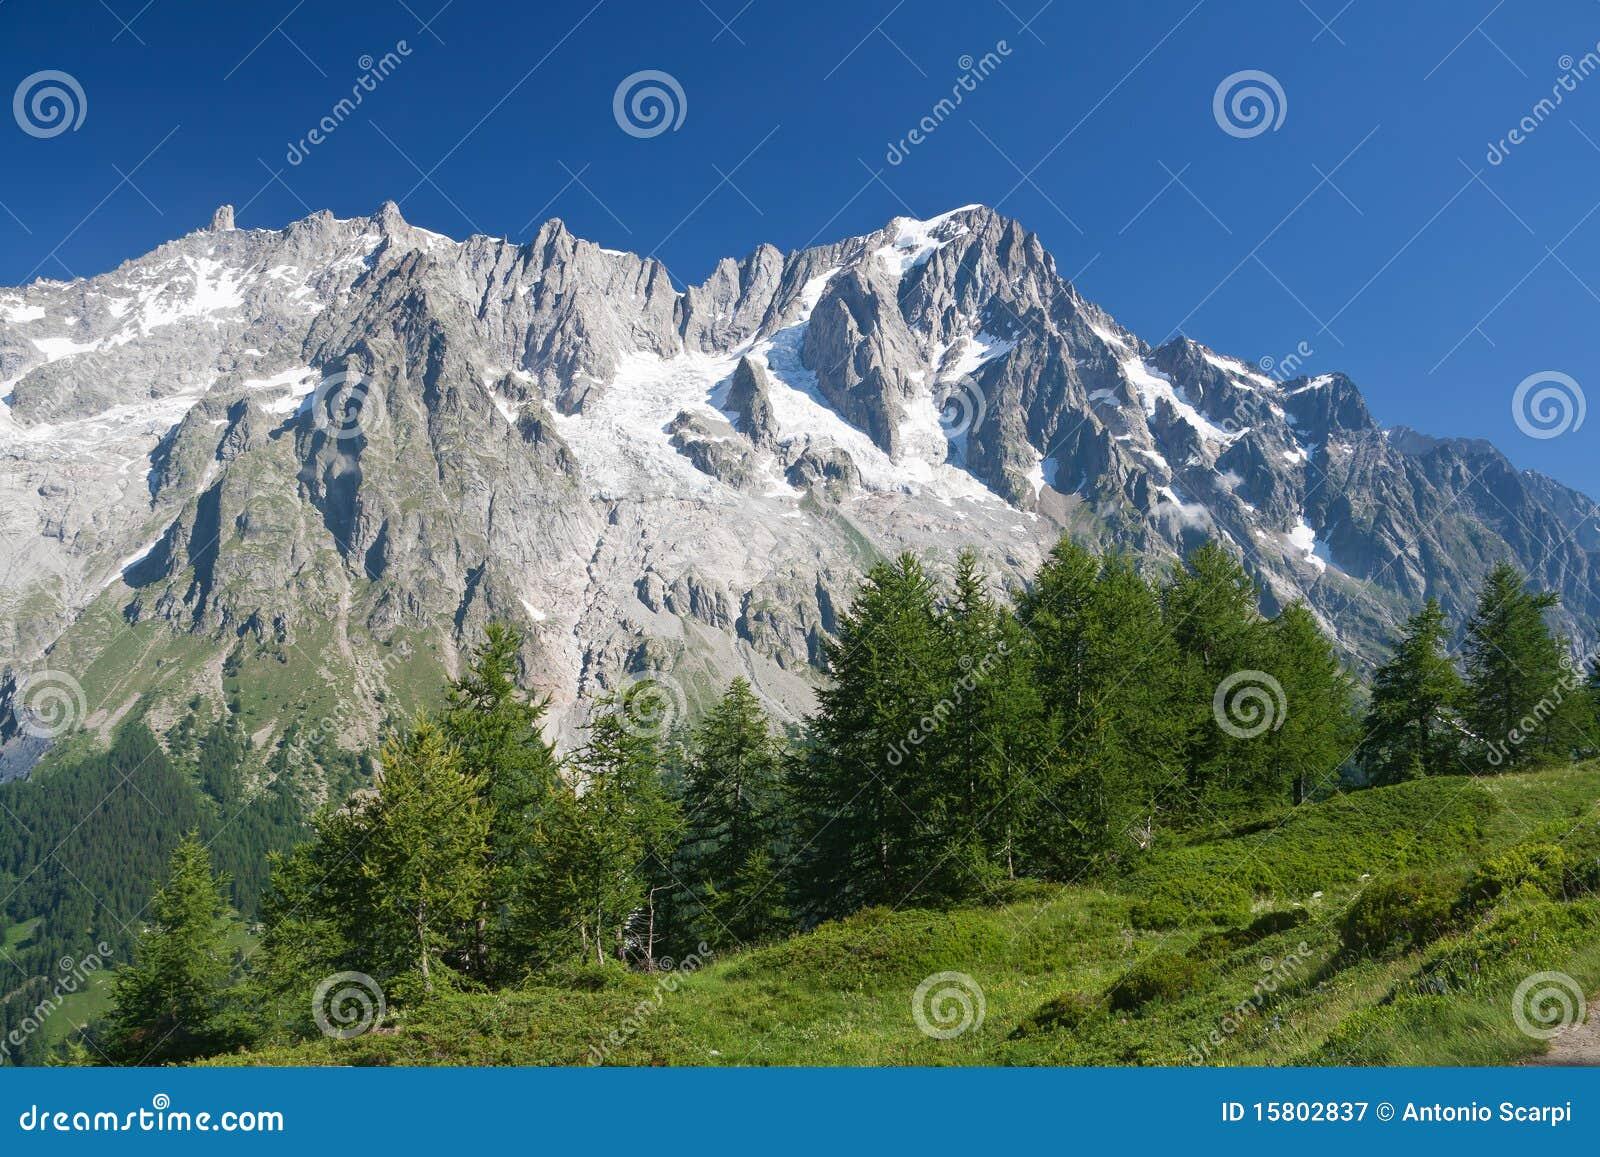 Les Grandes Jorasses - Mont Blanc